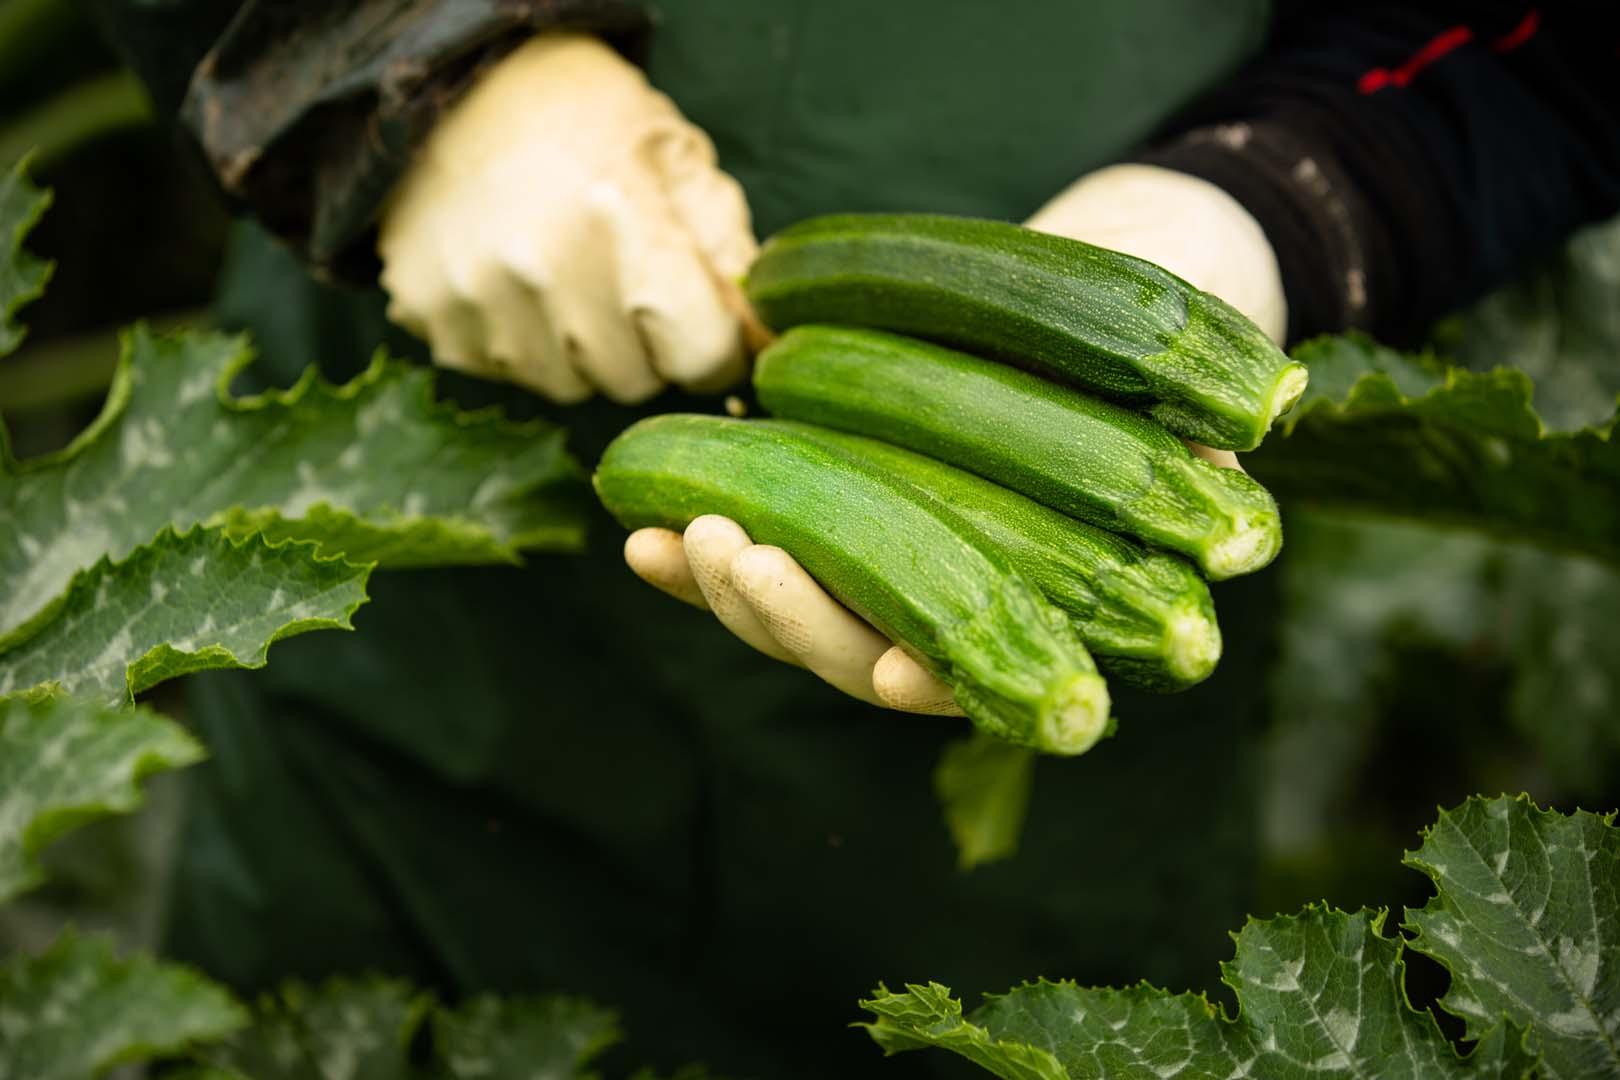 Mani che raccolgono zucchine